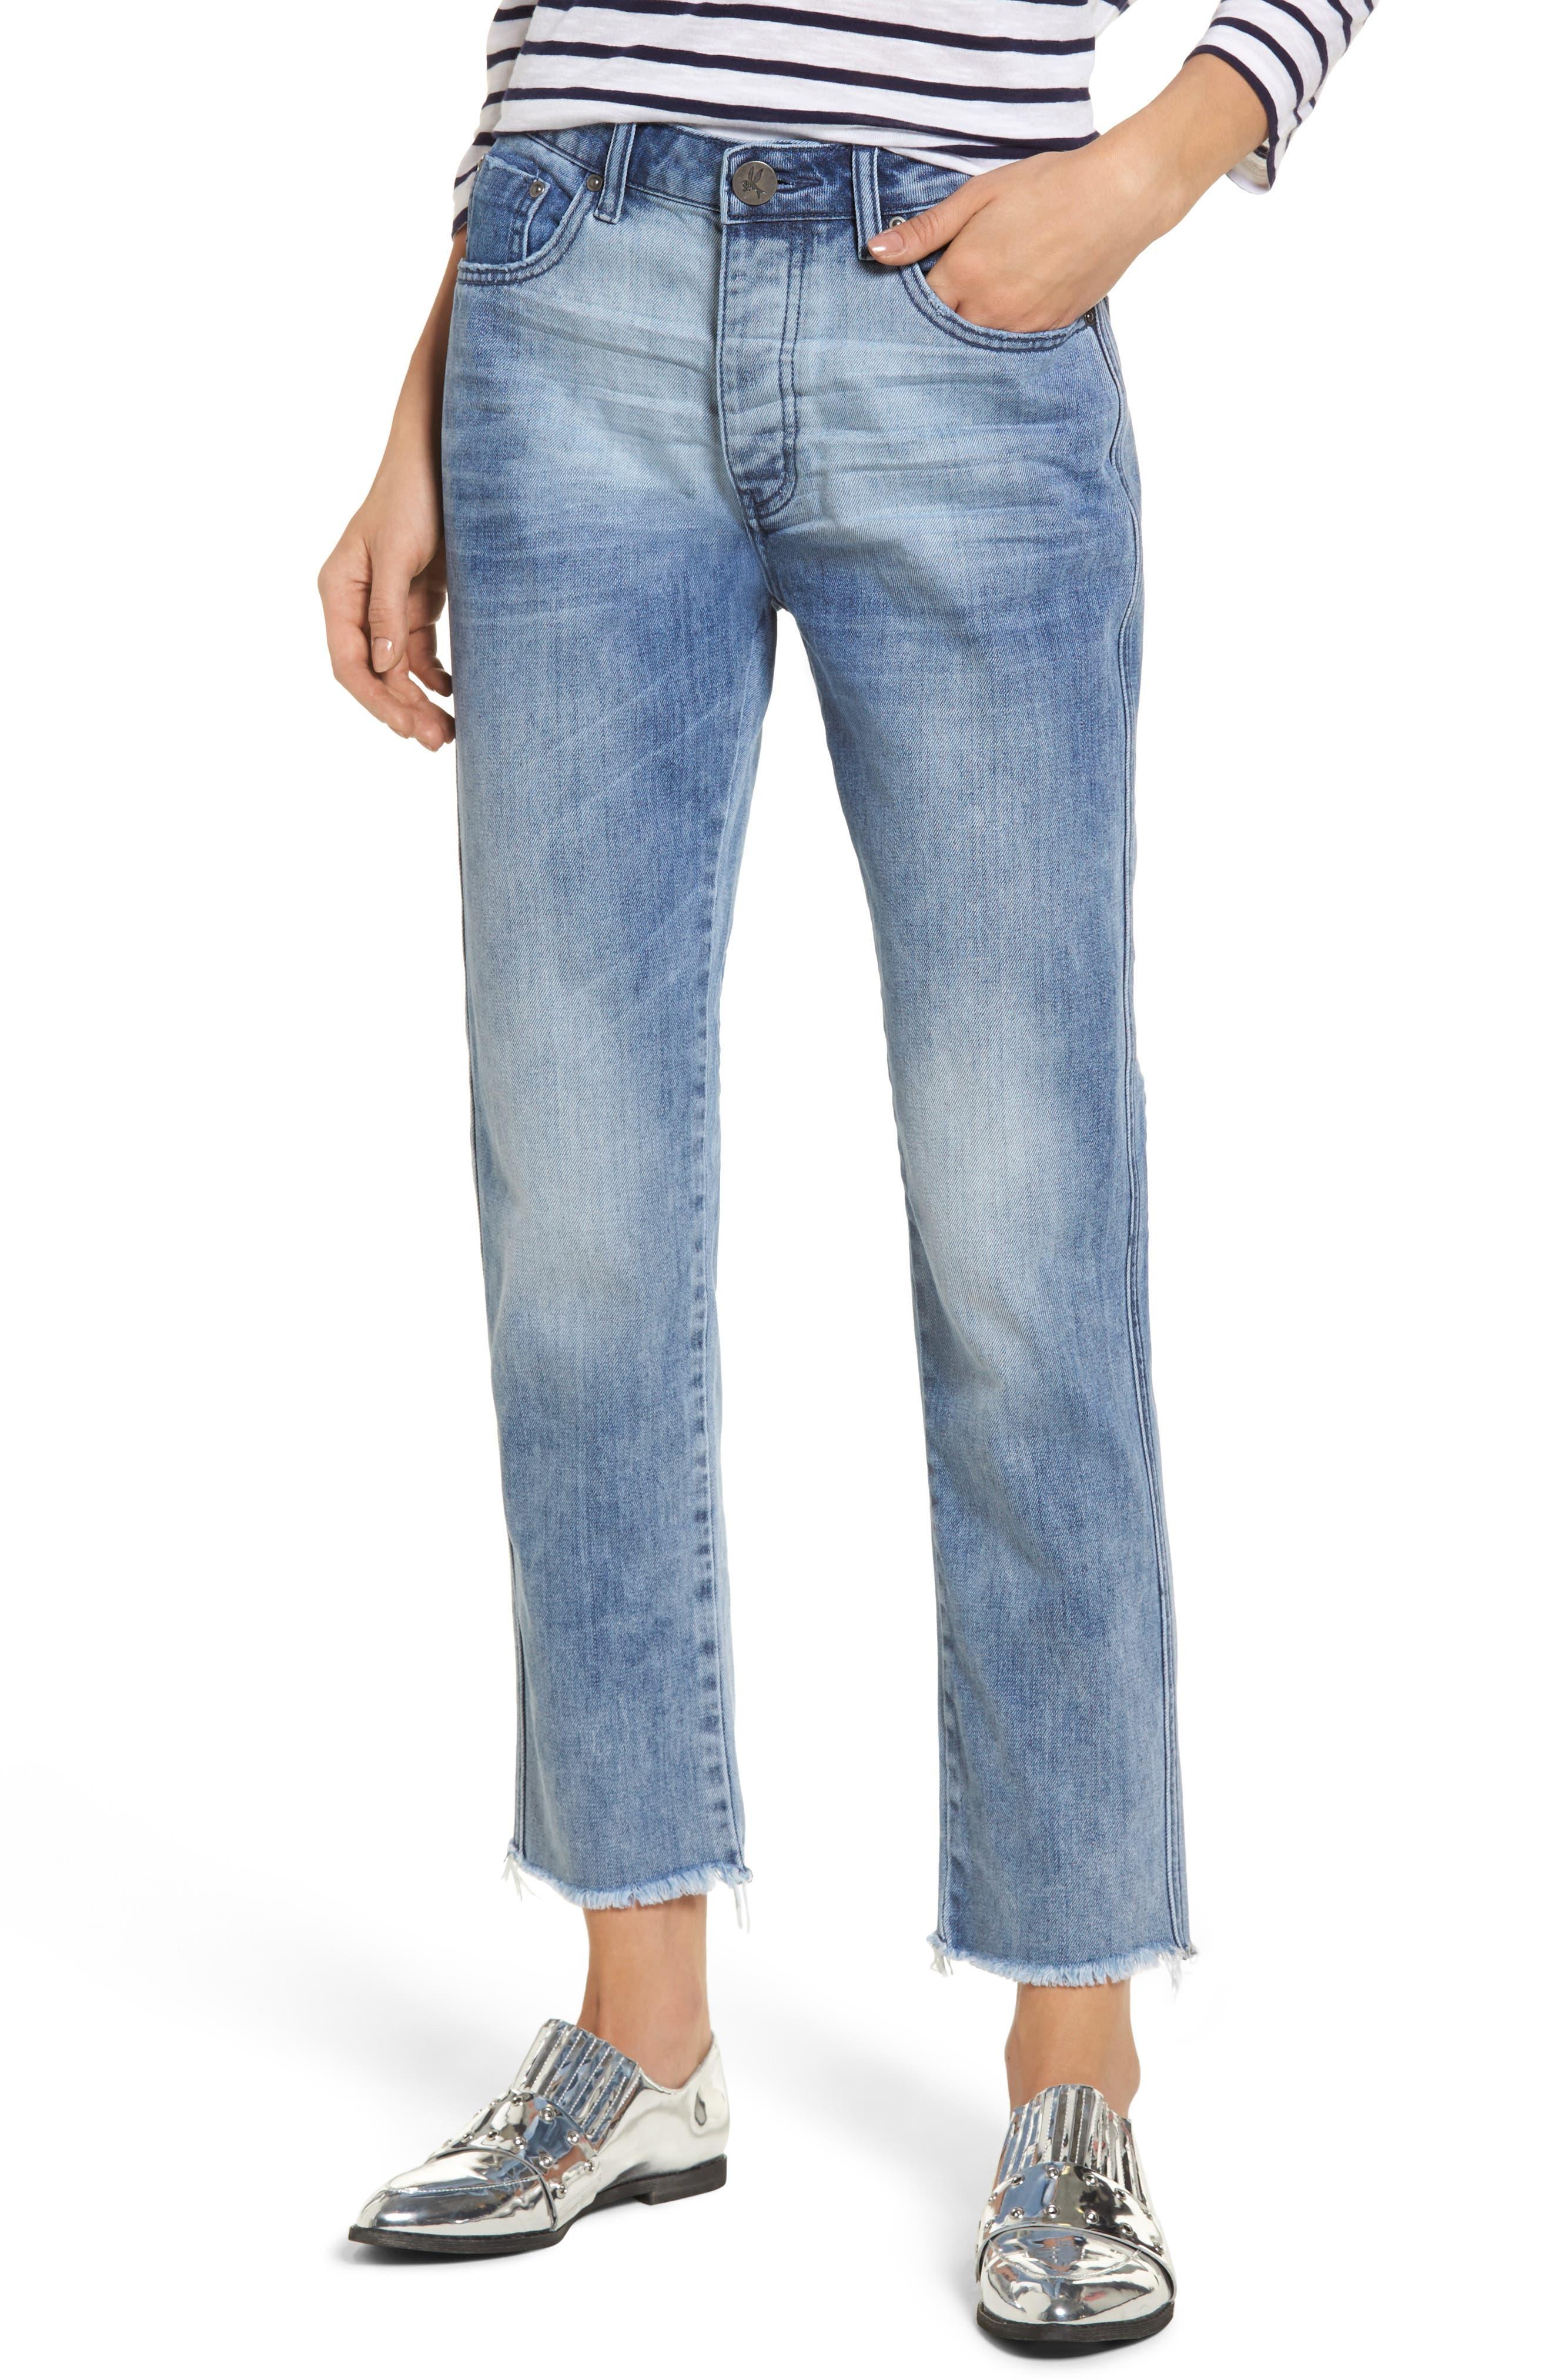 Alternate Image 1 Selected - One Teaspoon Tuckers High Waist Straight Leg Jeans